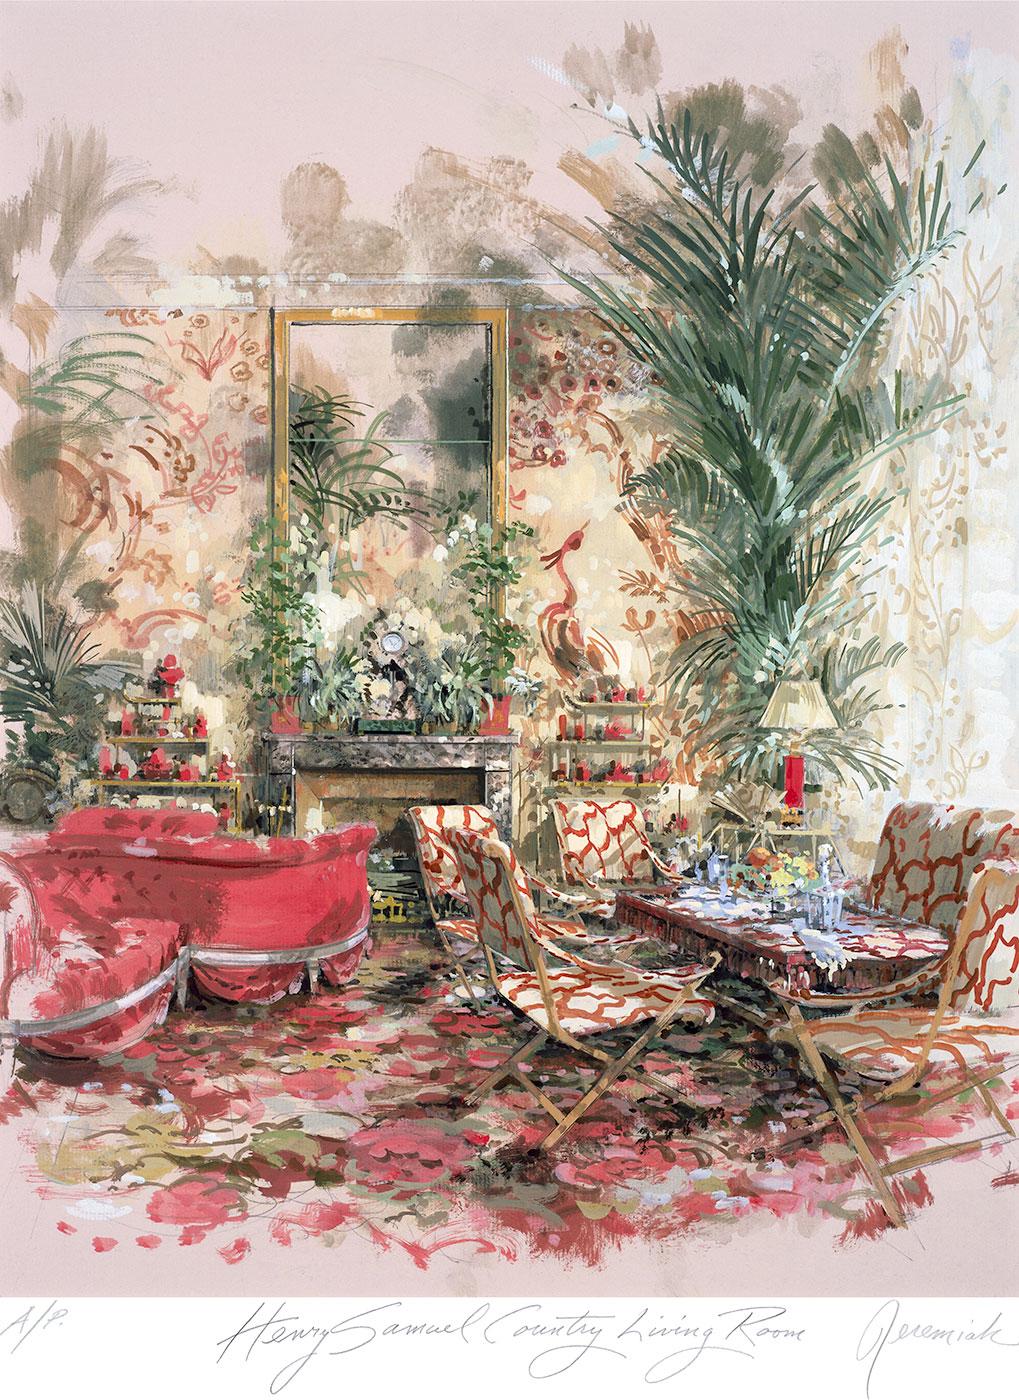 Henri Samuel's country living room